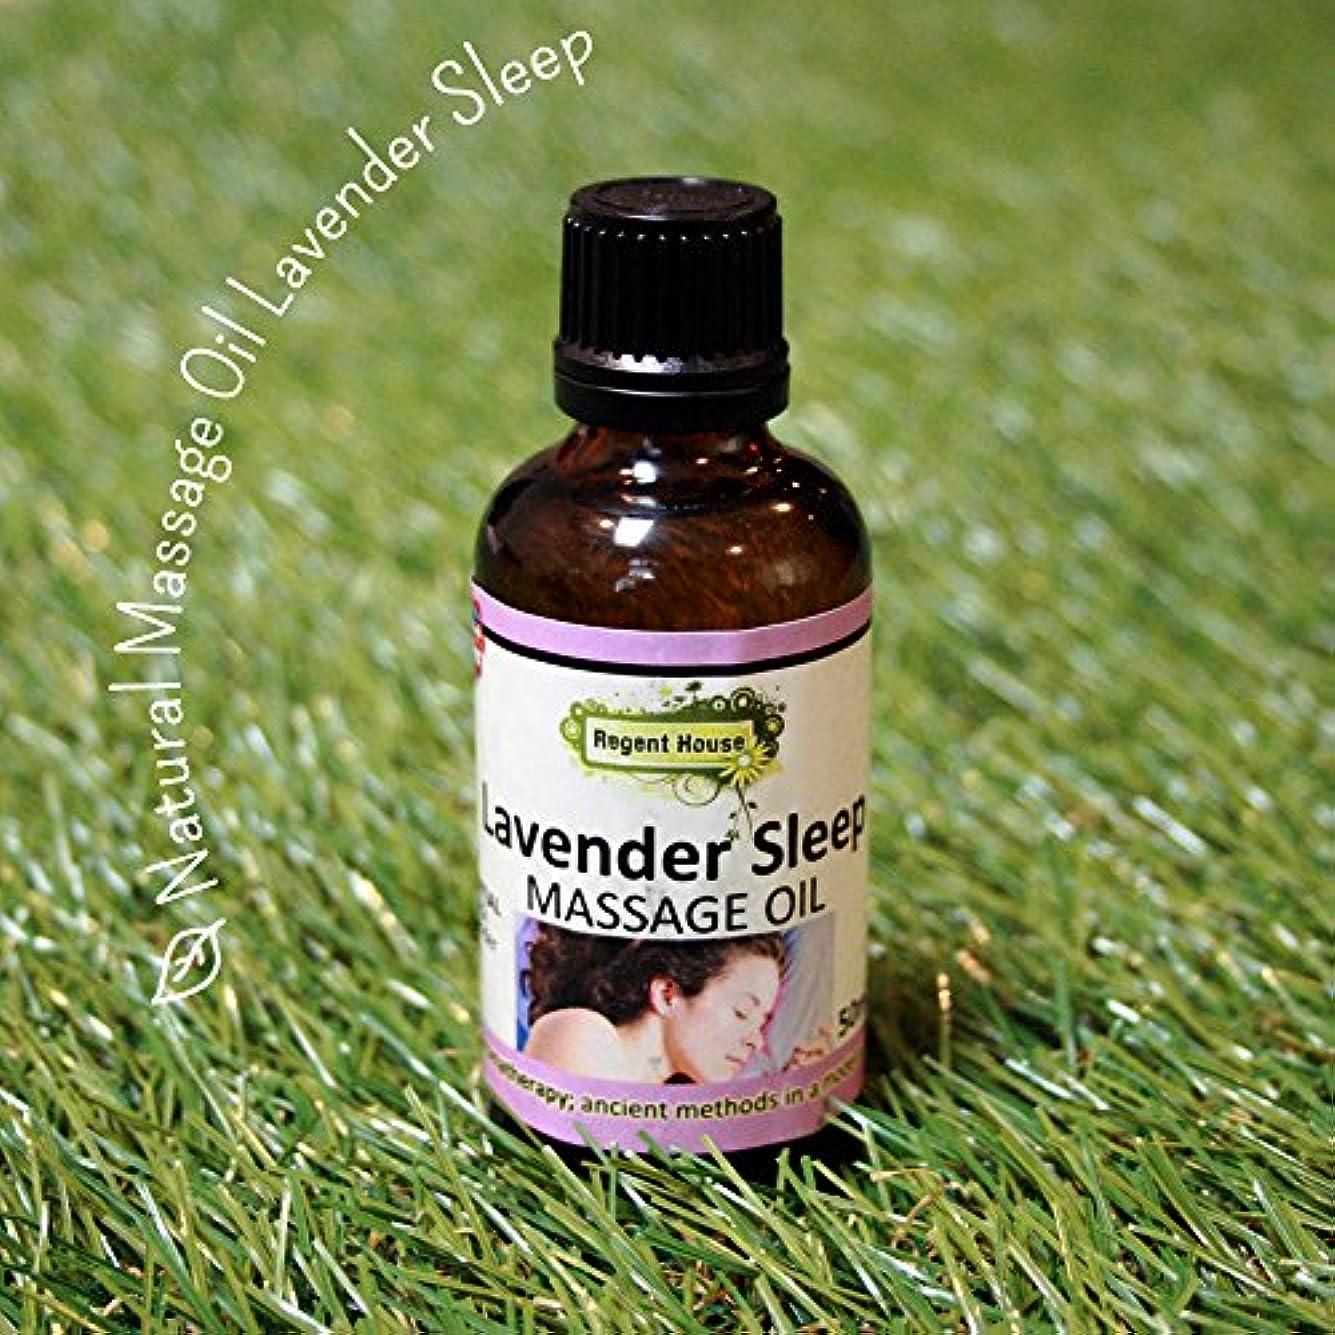 ポータブルローブ道路を作るプロセスフランス産のオーガニックラベンダーのみの、贅沢オイル。 アロマ ナチュラル マッサージオイル 50ml ラベンダースリープ(Aroma Massage Oil Lavender Sleep)